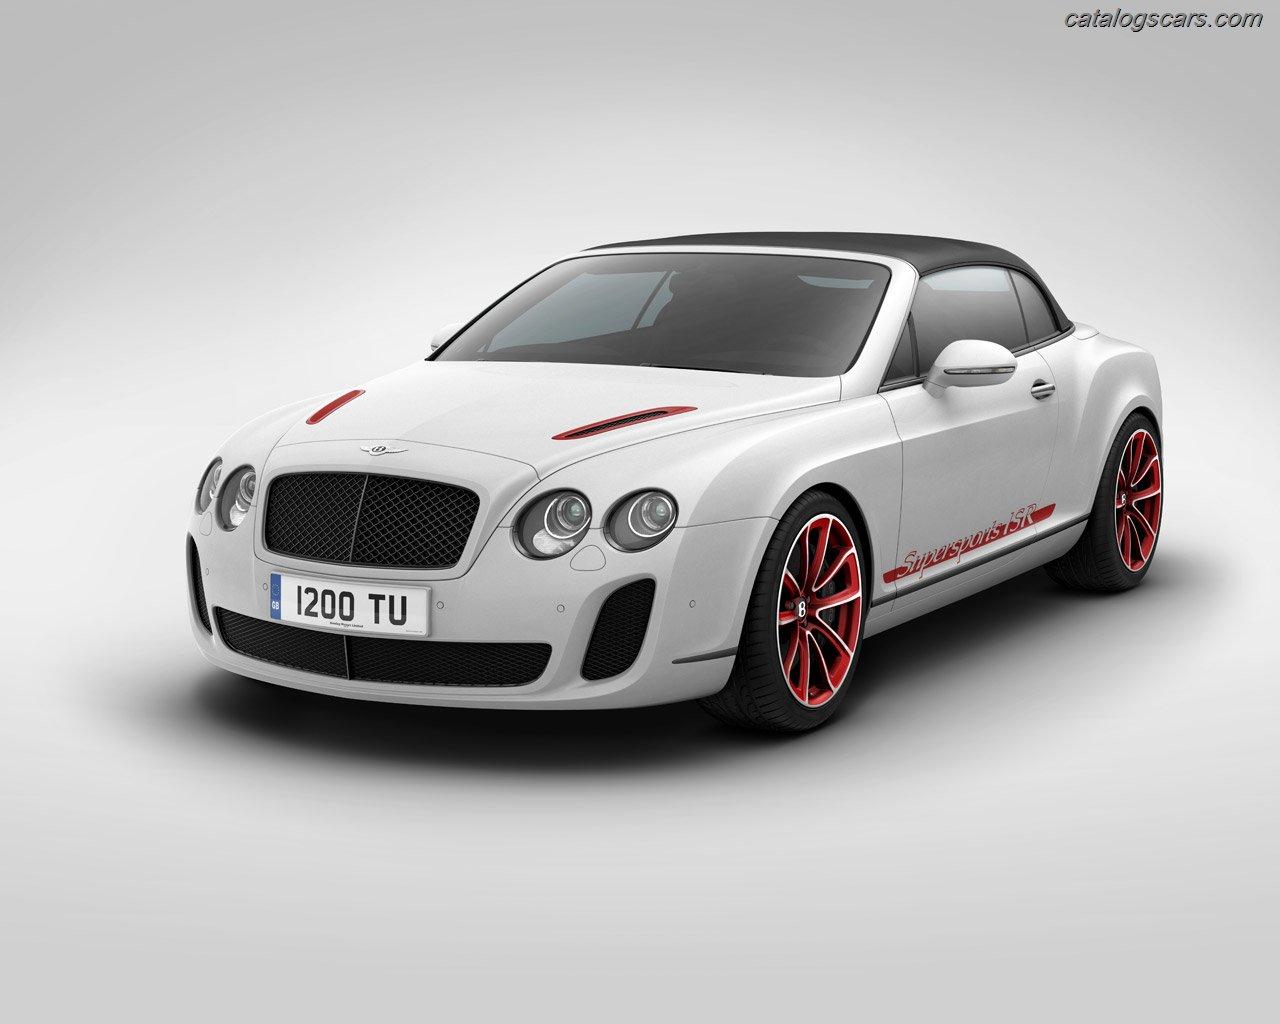 صور سيارة بنتلى كونتيننتال سوبر سبورتس كونفيرتابل 2015 اجمل خلفيات صور عربية بنتلى 2015 Bentley Continental SuperSports Convertible Photos